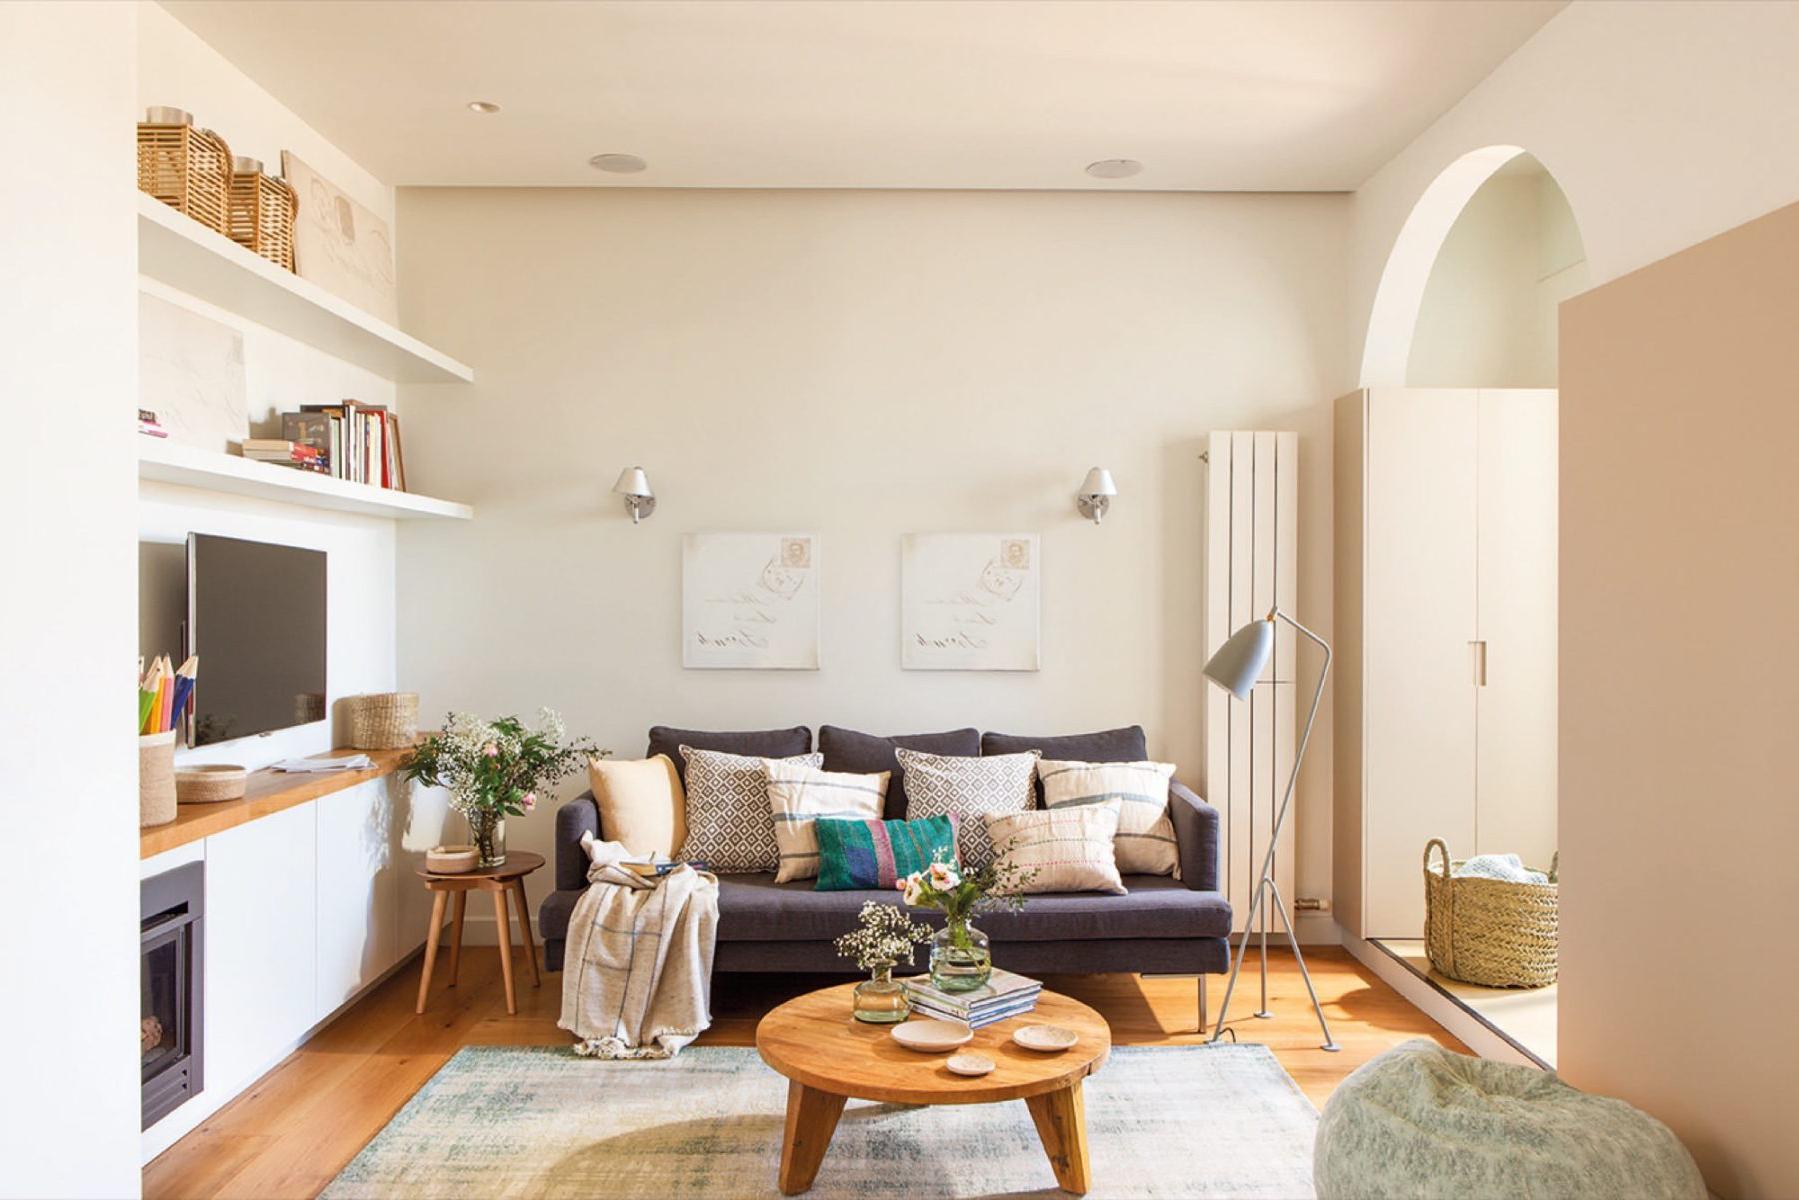 El Mueble Decoracion Budm Decorar Un Piso Pequeà O 55metros Inmobiliaria Trivinsa El